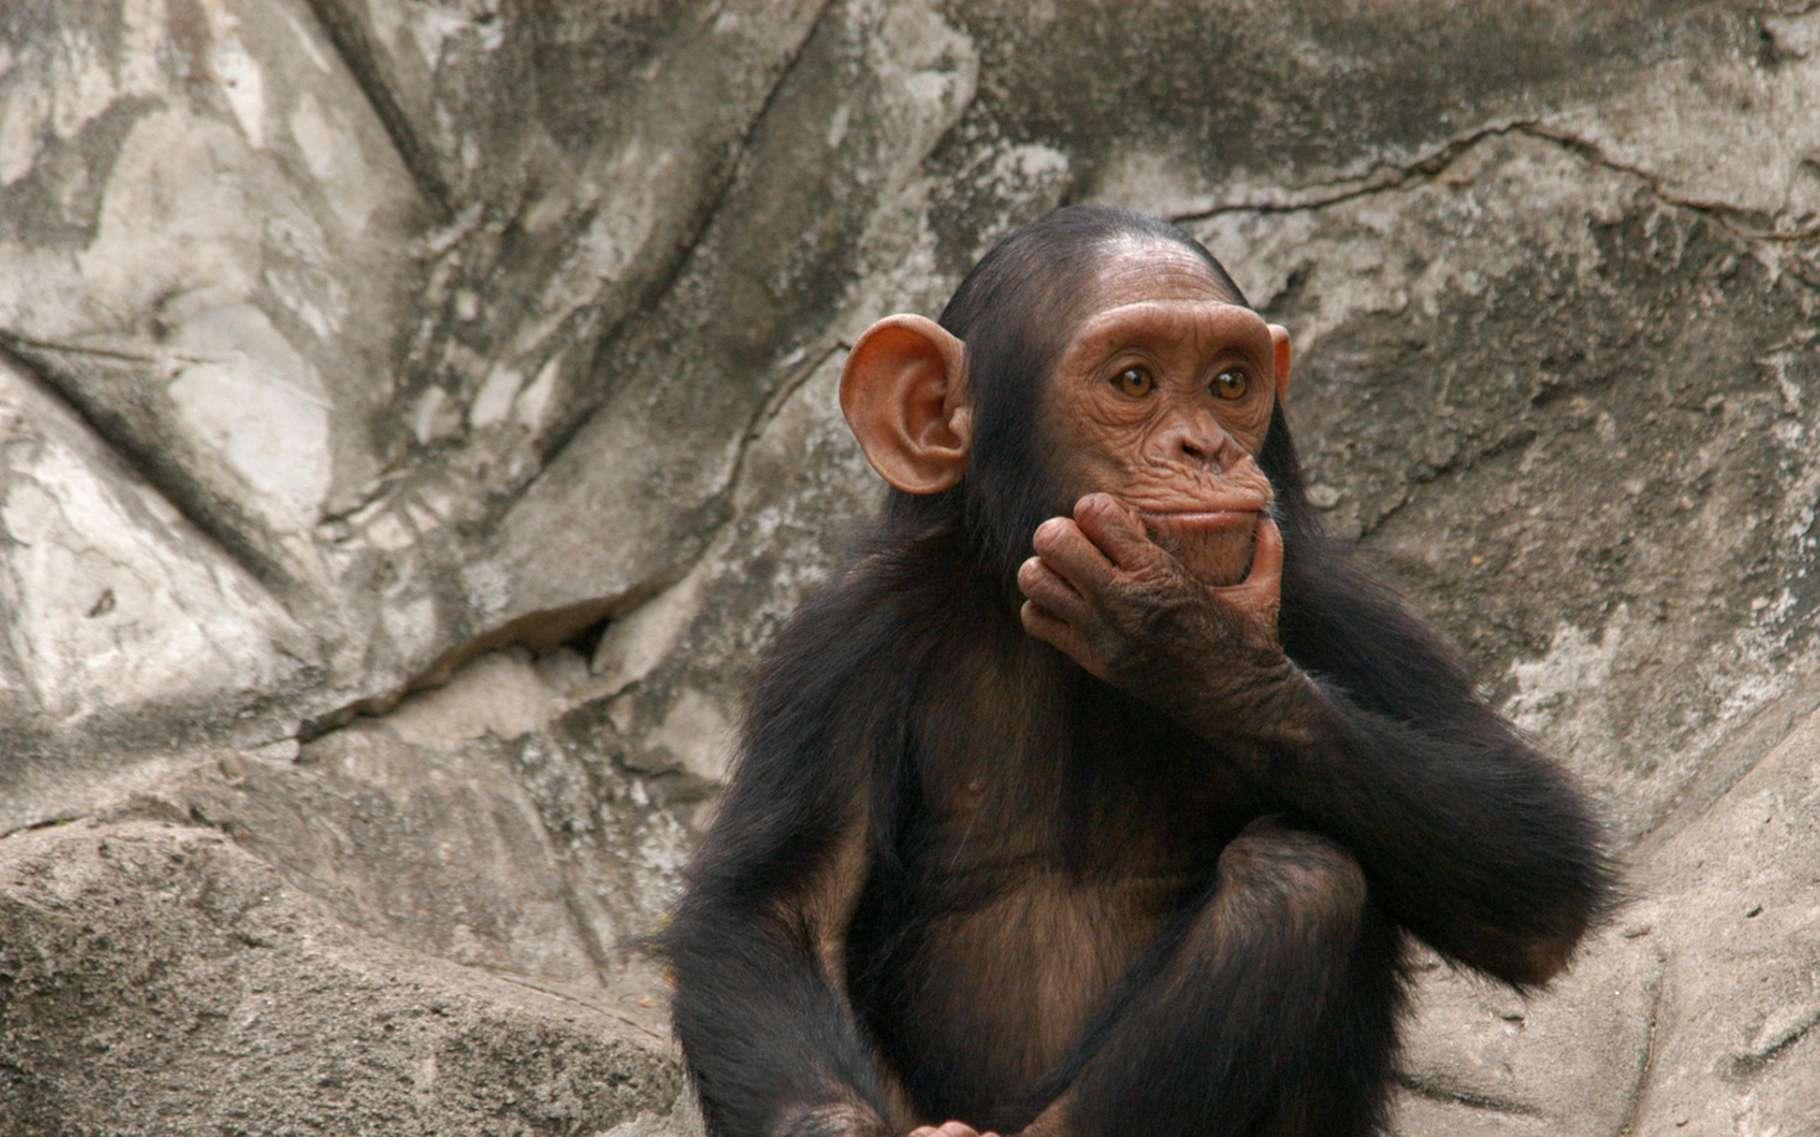 Les gestes sur lesquels s'appuie la communication entre chimpanzés sont peut-être plus proches de notre langage que ce que nous pensions. © Vladimir Wrangel, Fotolia